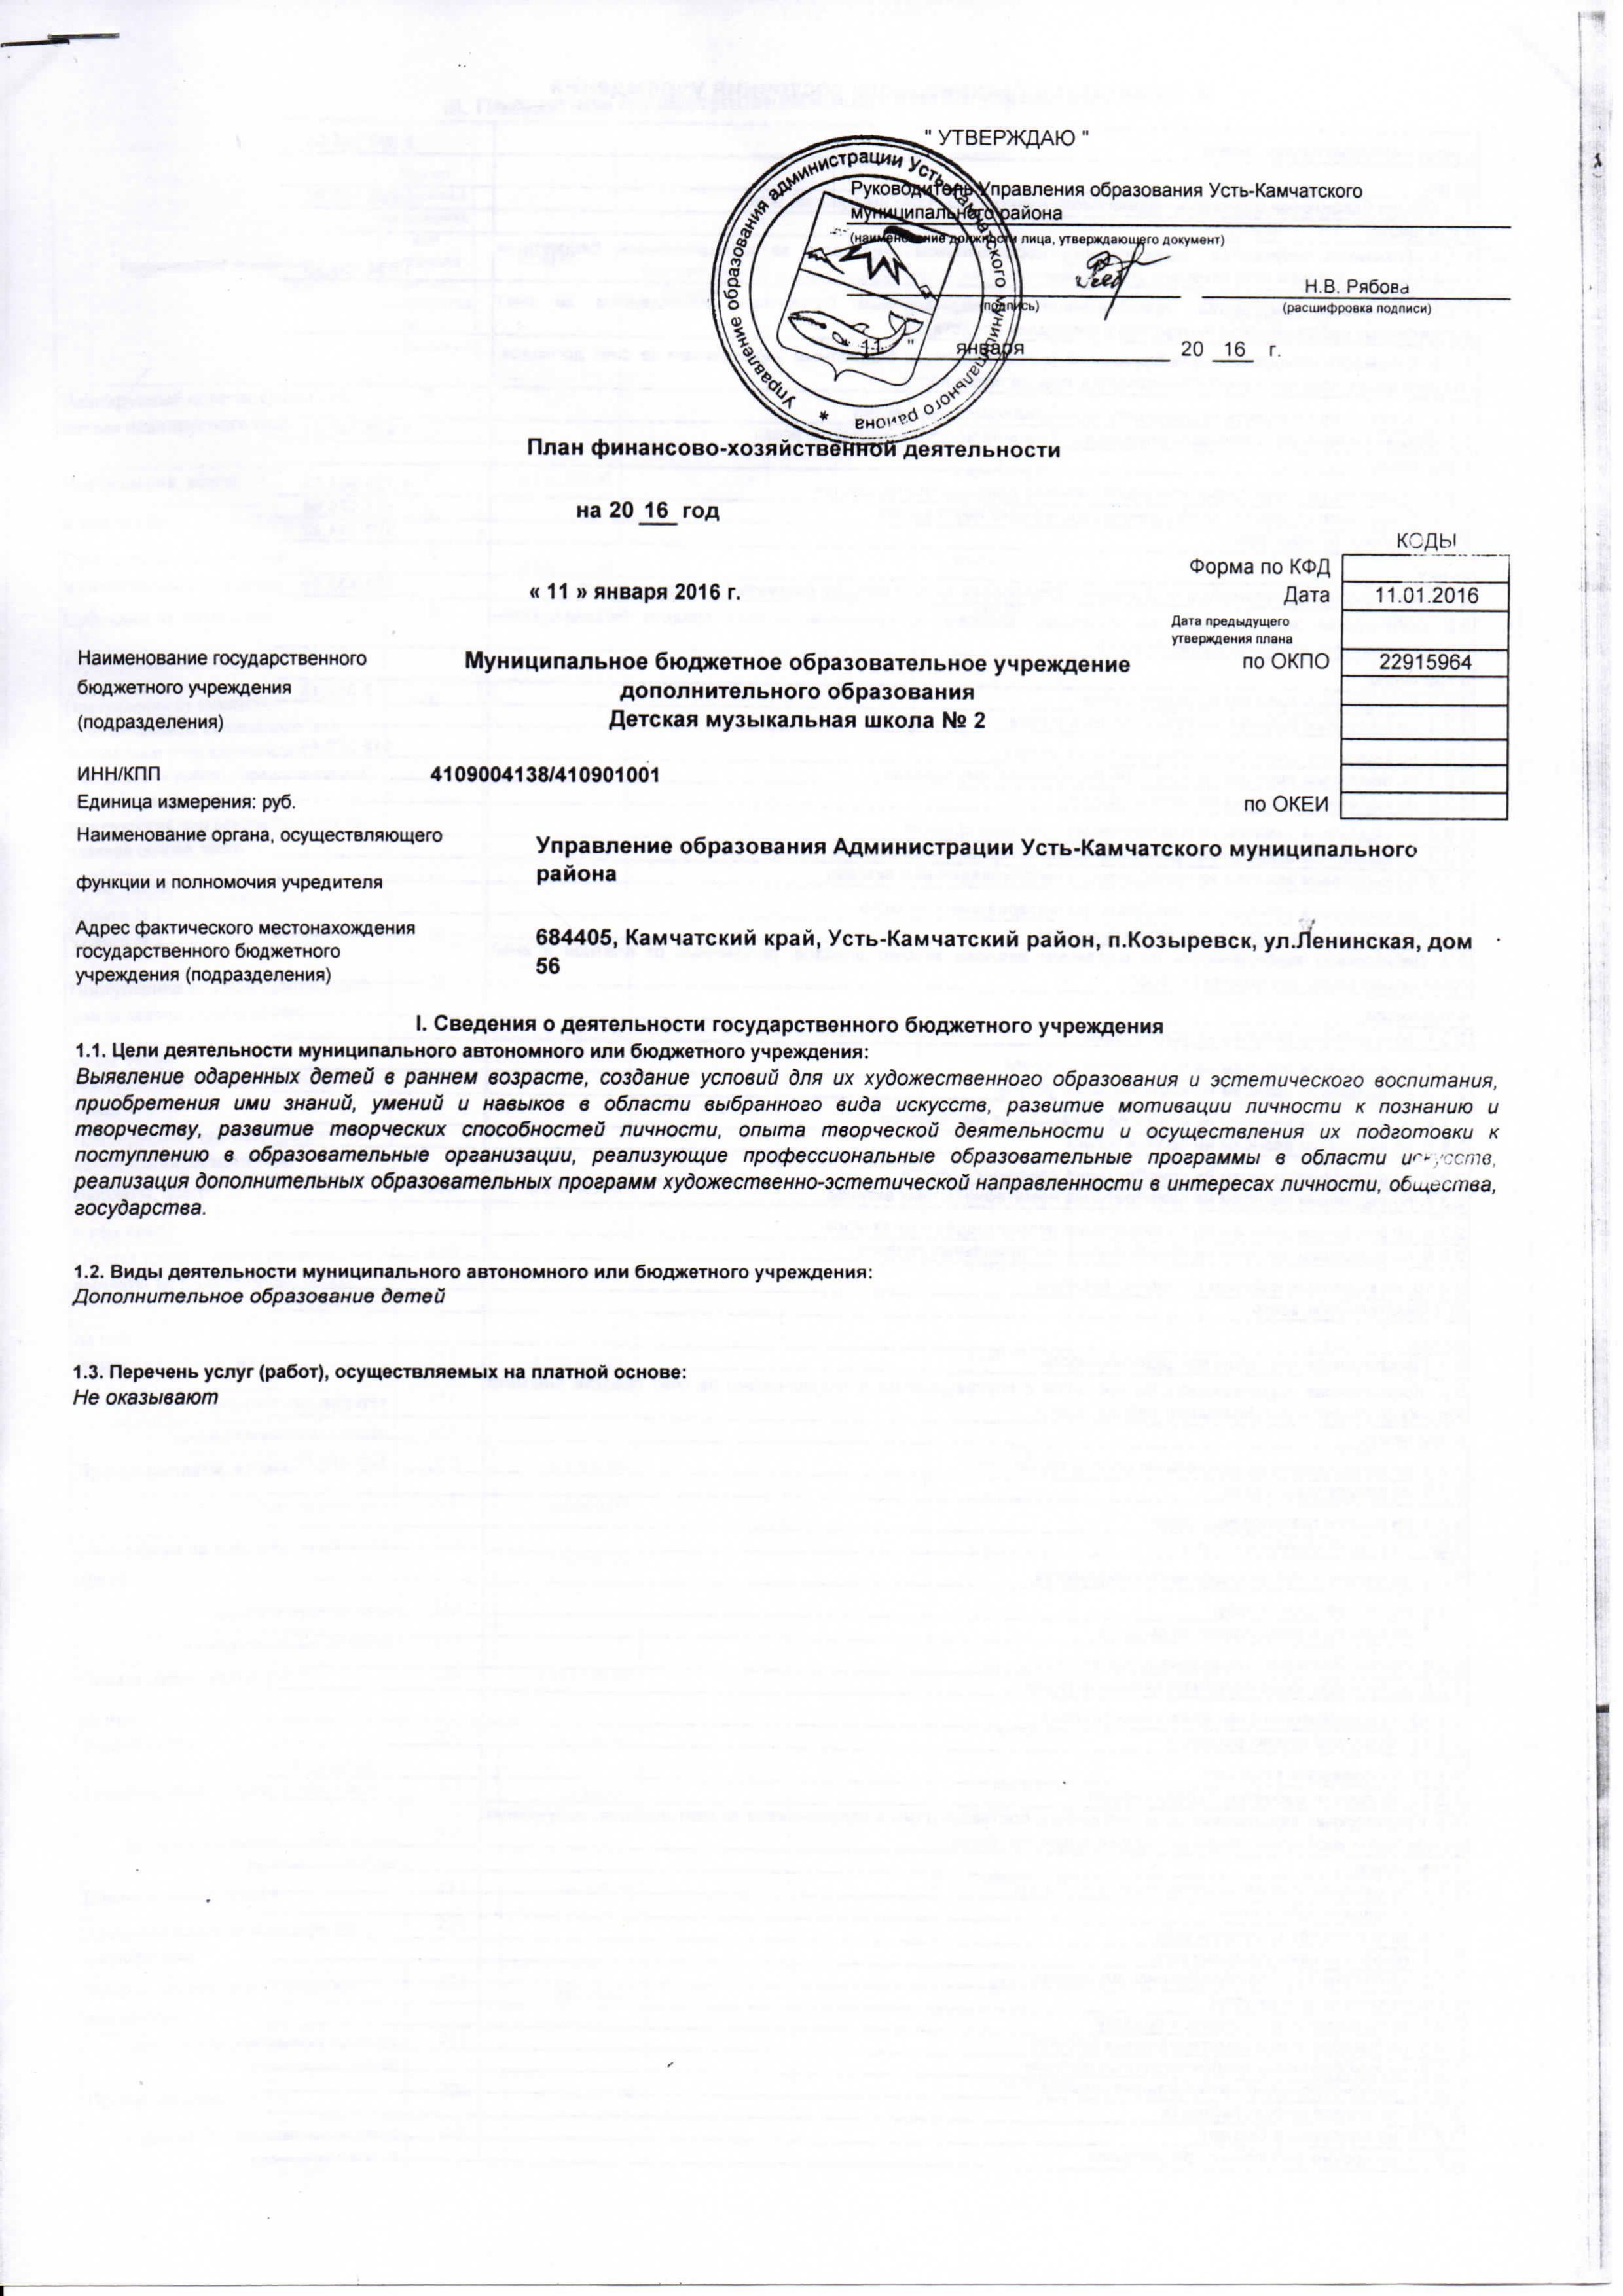 Титул к Плану ФХД МБОУДО ДМШ №2 11.01.16_01